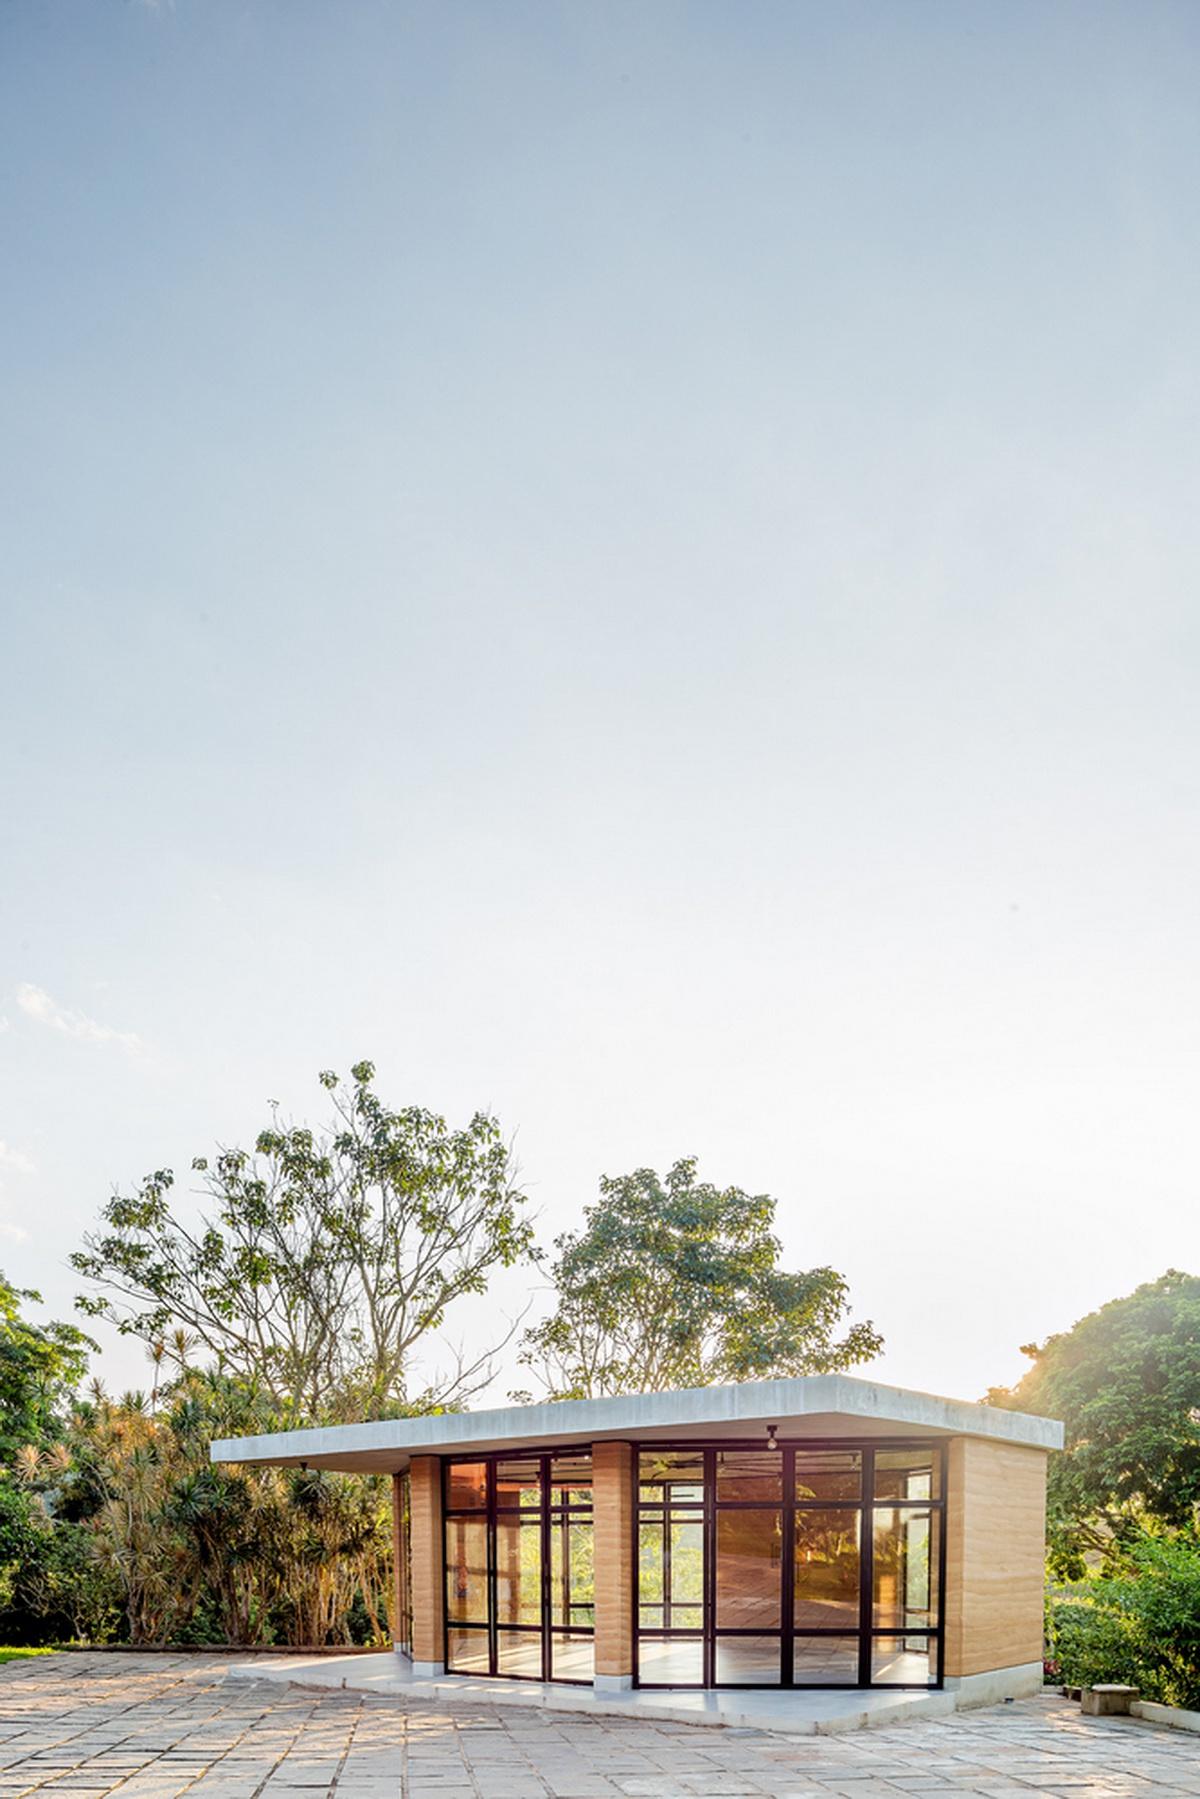 风景画中的冥想之所——巴西耶稣会弧形玻璃教堂 / Solo Eduardo